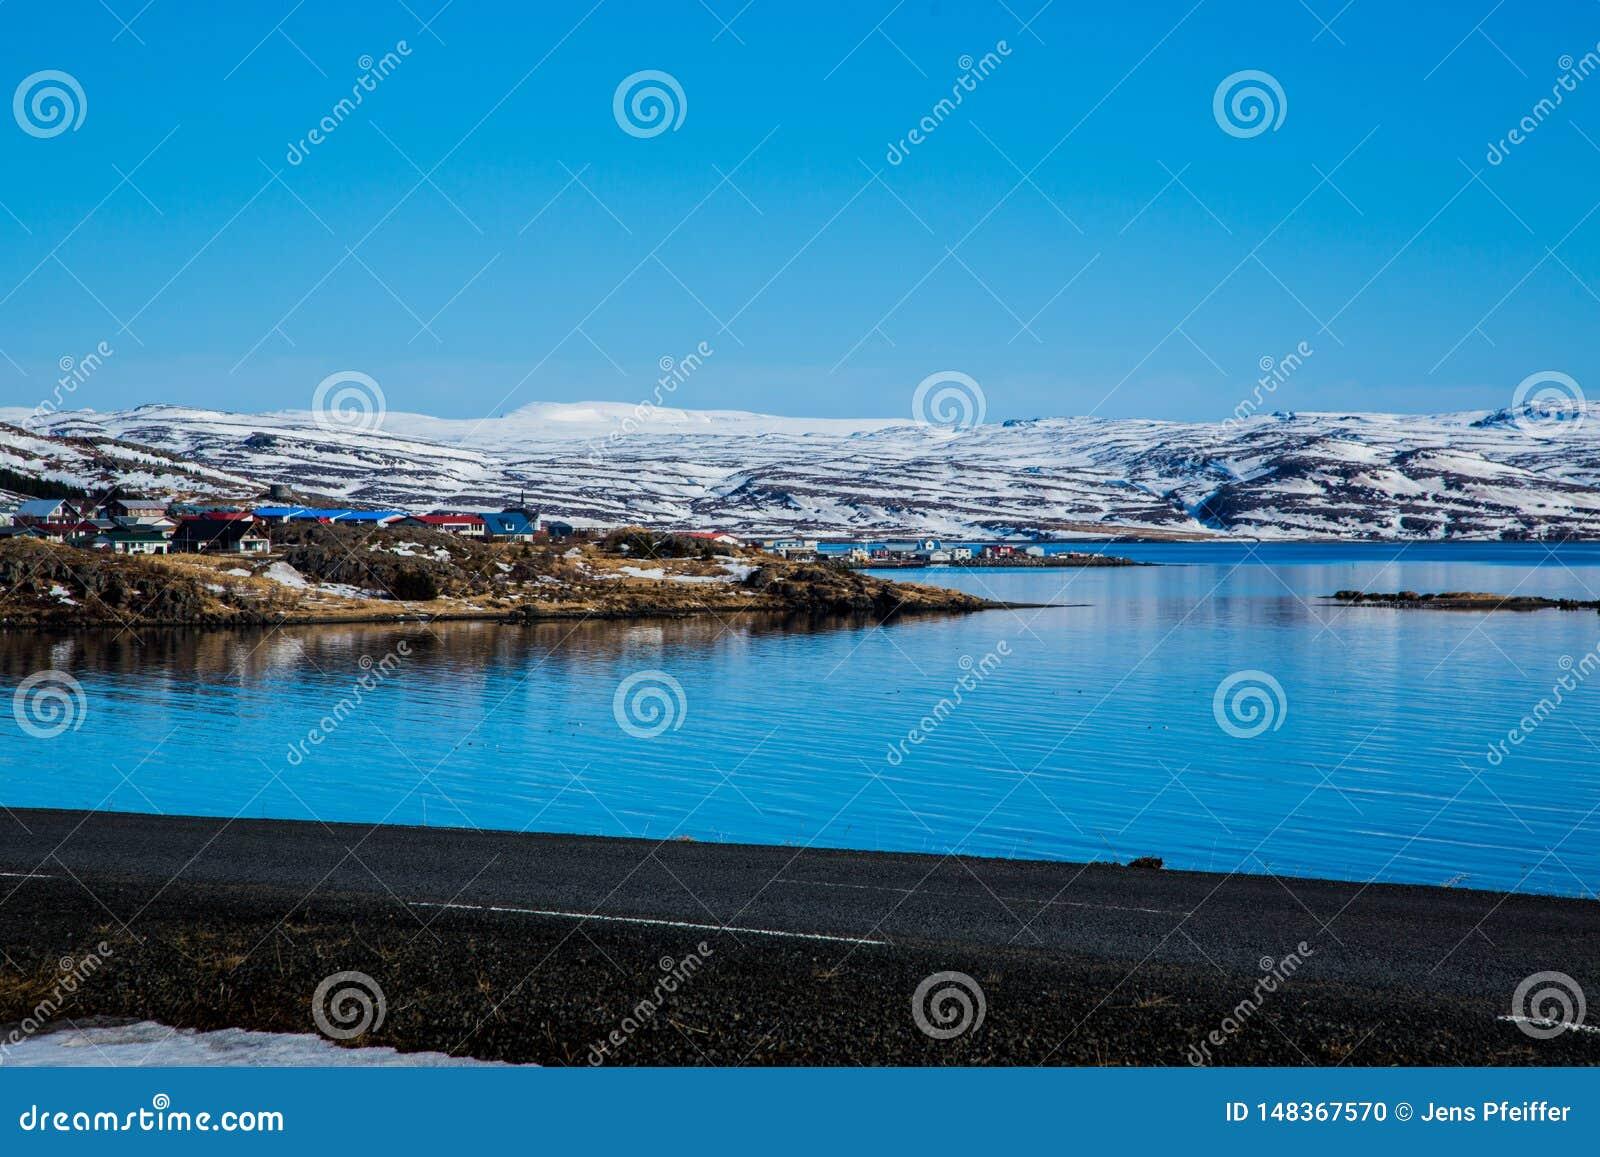 Ψαροχώρι στο ισλανδικό φιορδ το χειμώνα